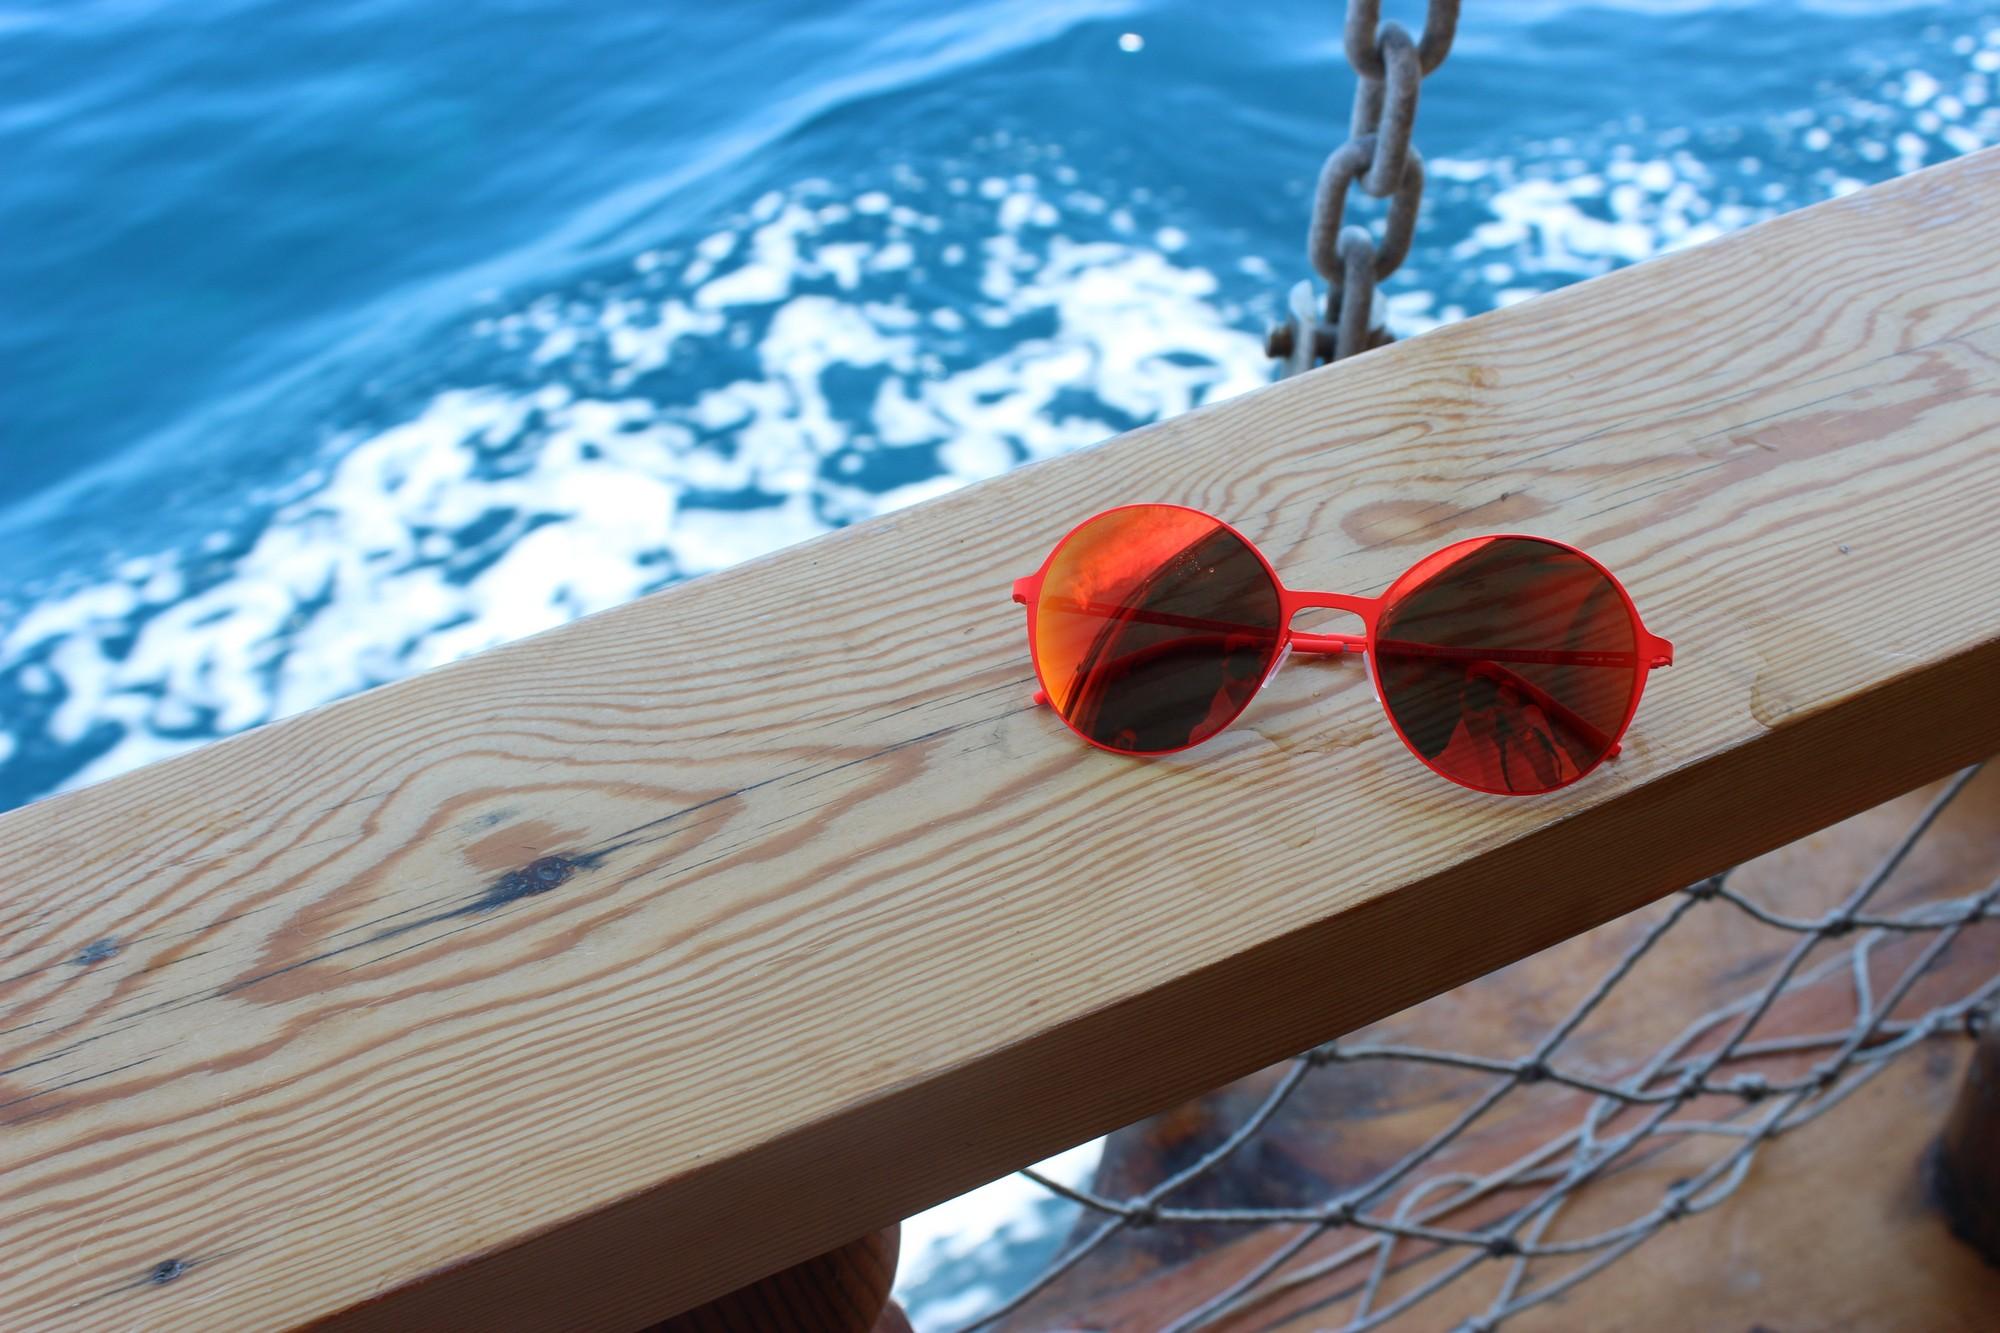 italia independent, aynalı güneş gözlüğü modelleri, turuncu güneş gözlüğü, yuvarlak güneş gözlükleri